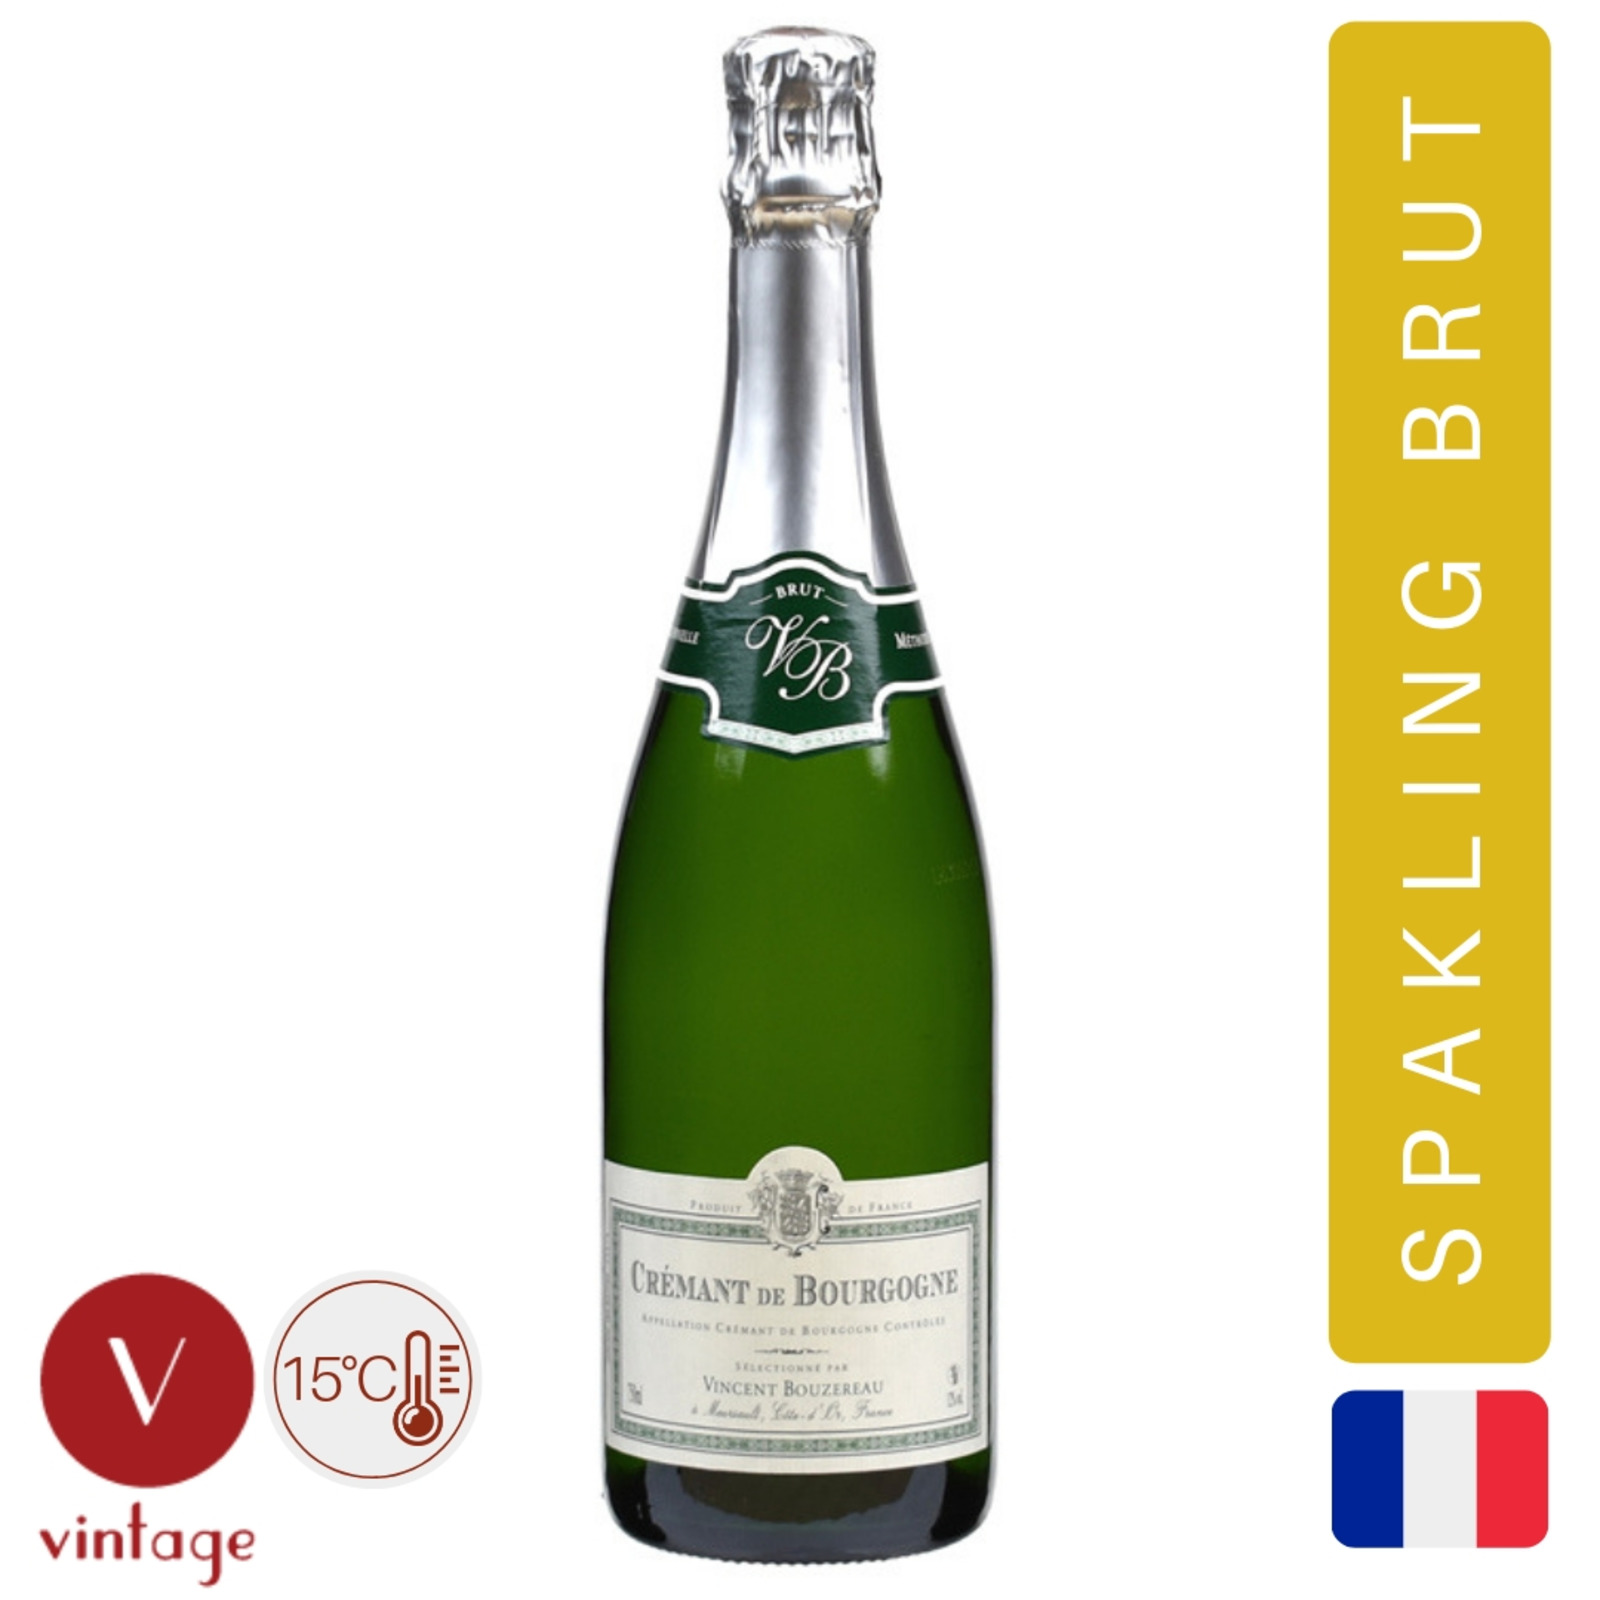 Vincent Bouzereau - Cremant De Bourgogne - White Wine